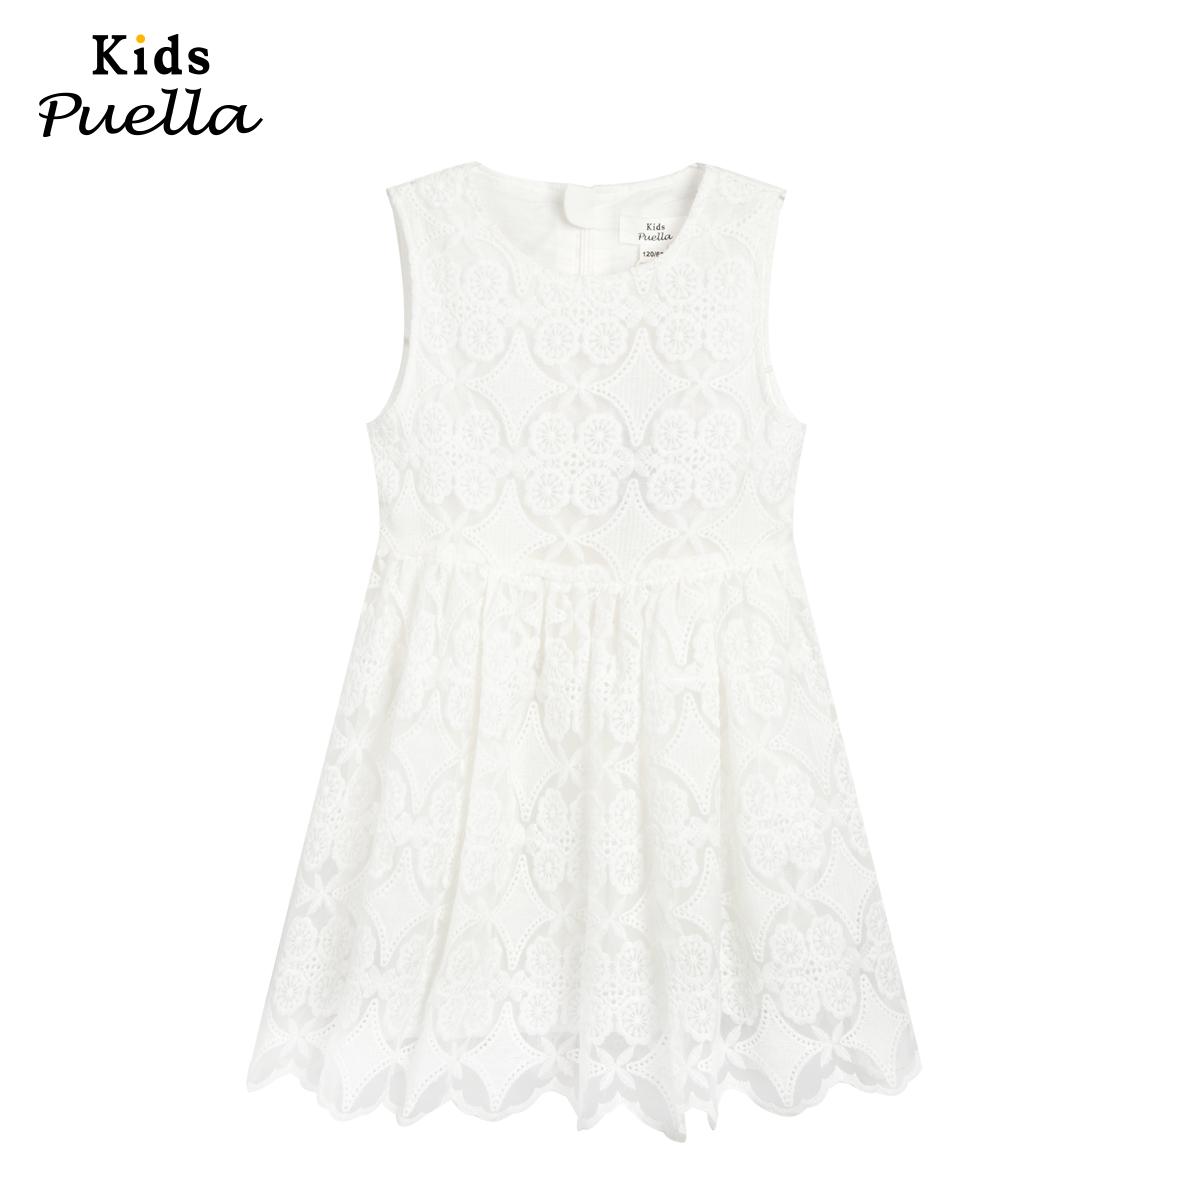 拉夏貝爾KIDS2016夏 公主純色蕾絲花邊連衣裙 女 20100247